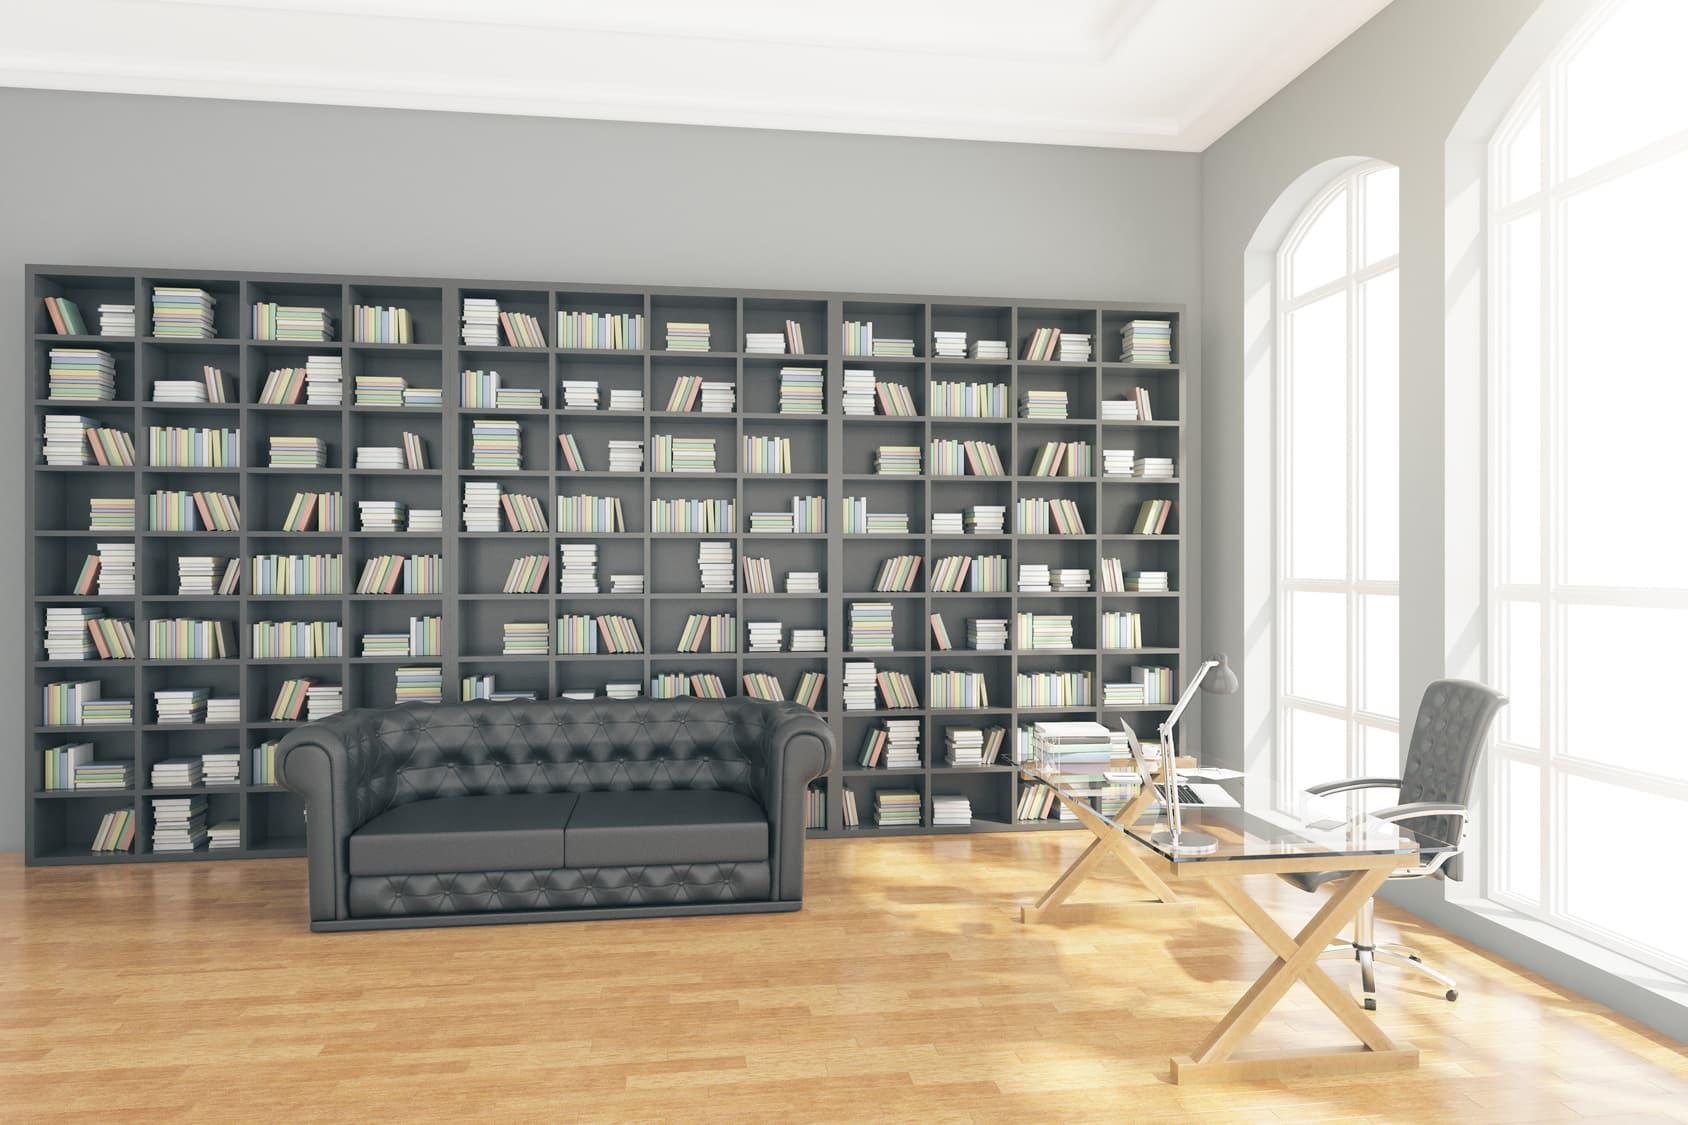 100 Remarquable Conseils Fabriquer Une Bibliothèque Pas Cher